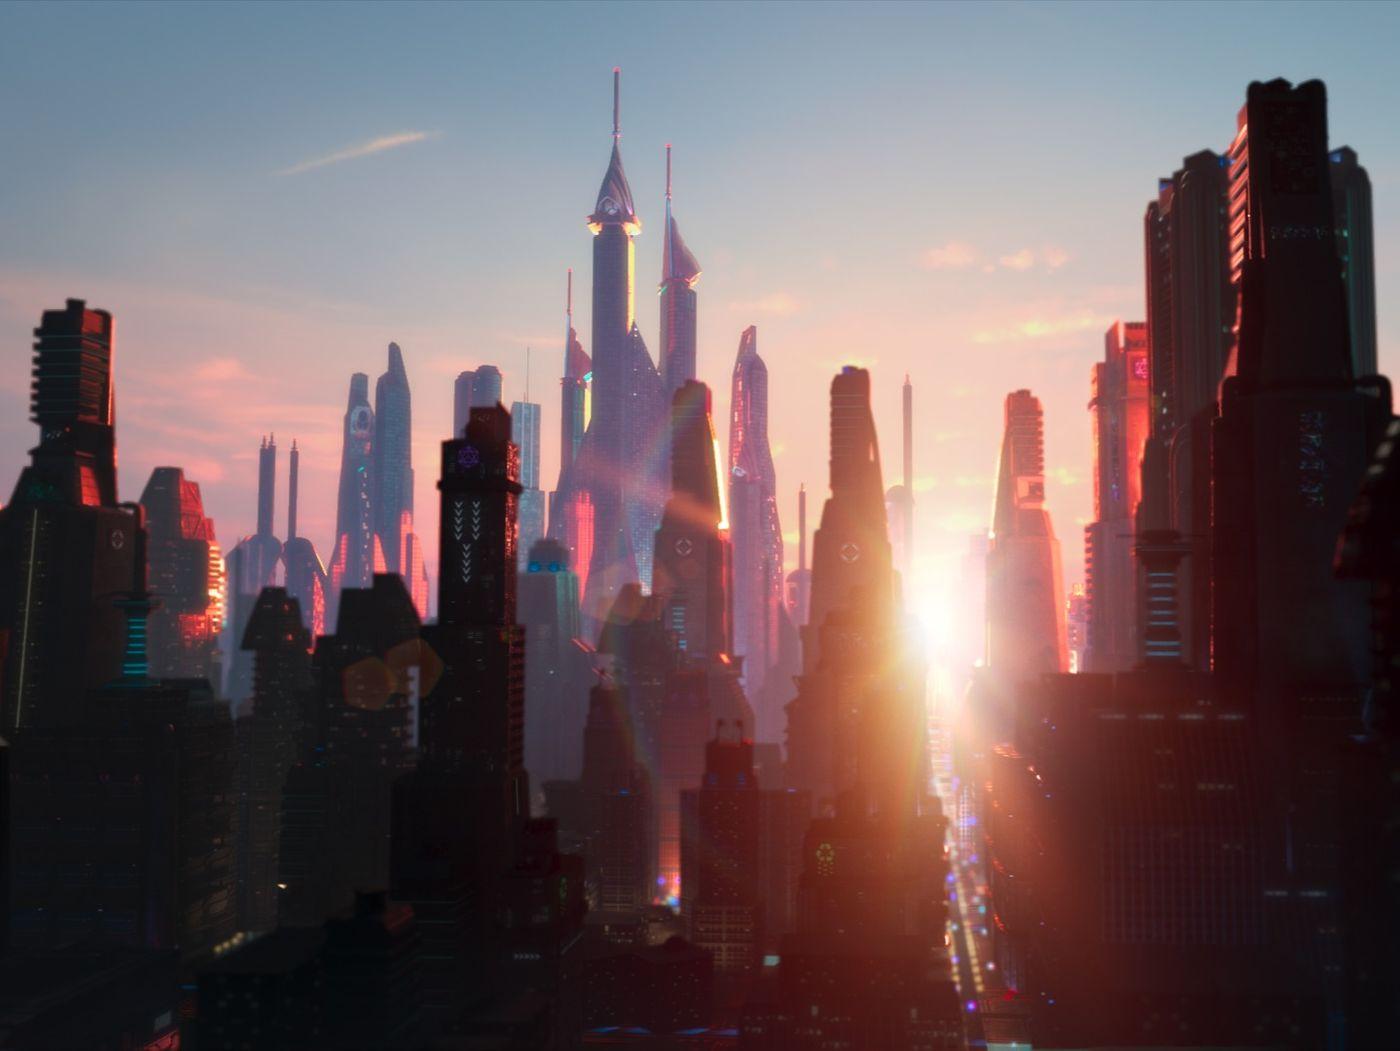 Sunrise Over Sci-Fi City